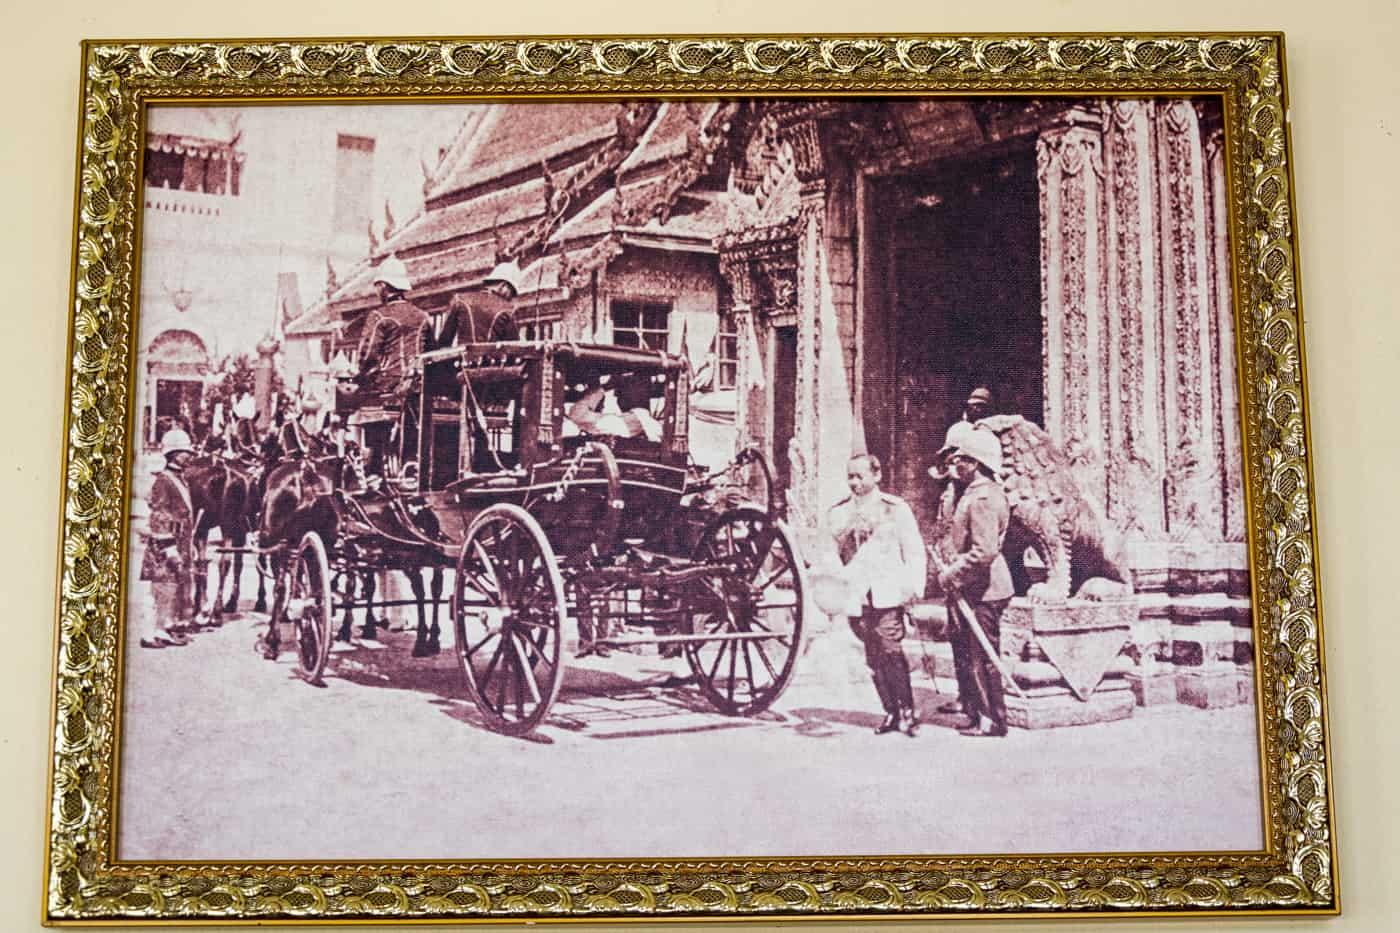 Historische Fotos dokumentieren die Nutzung der Ausstellungstücke in den Ausstellungen in Bang Pa-In dem Sommerpalast der Könige